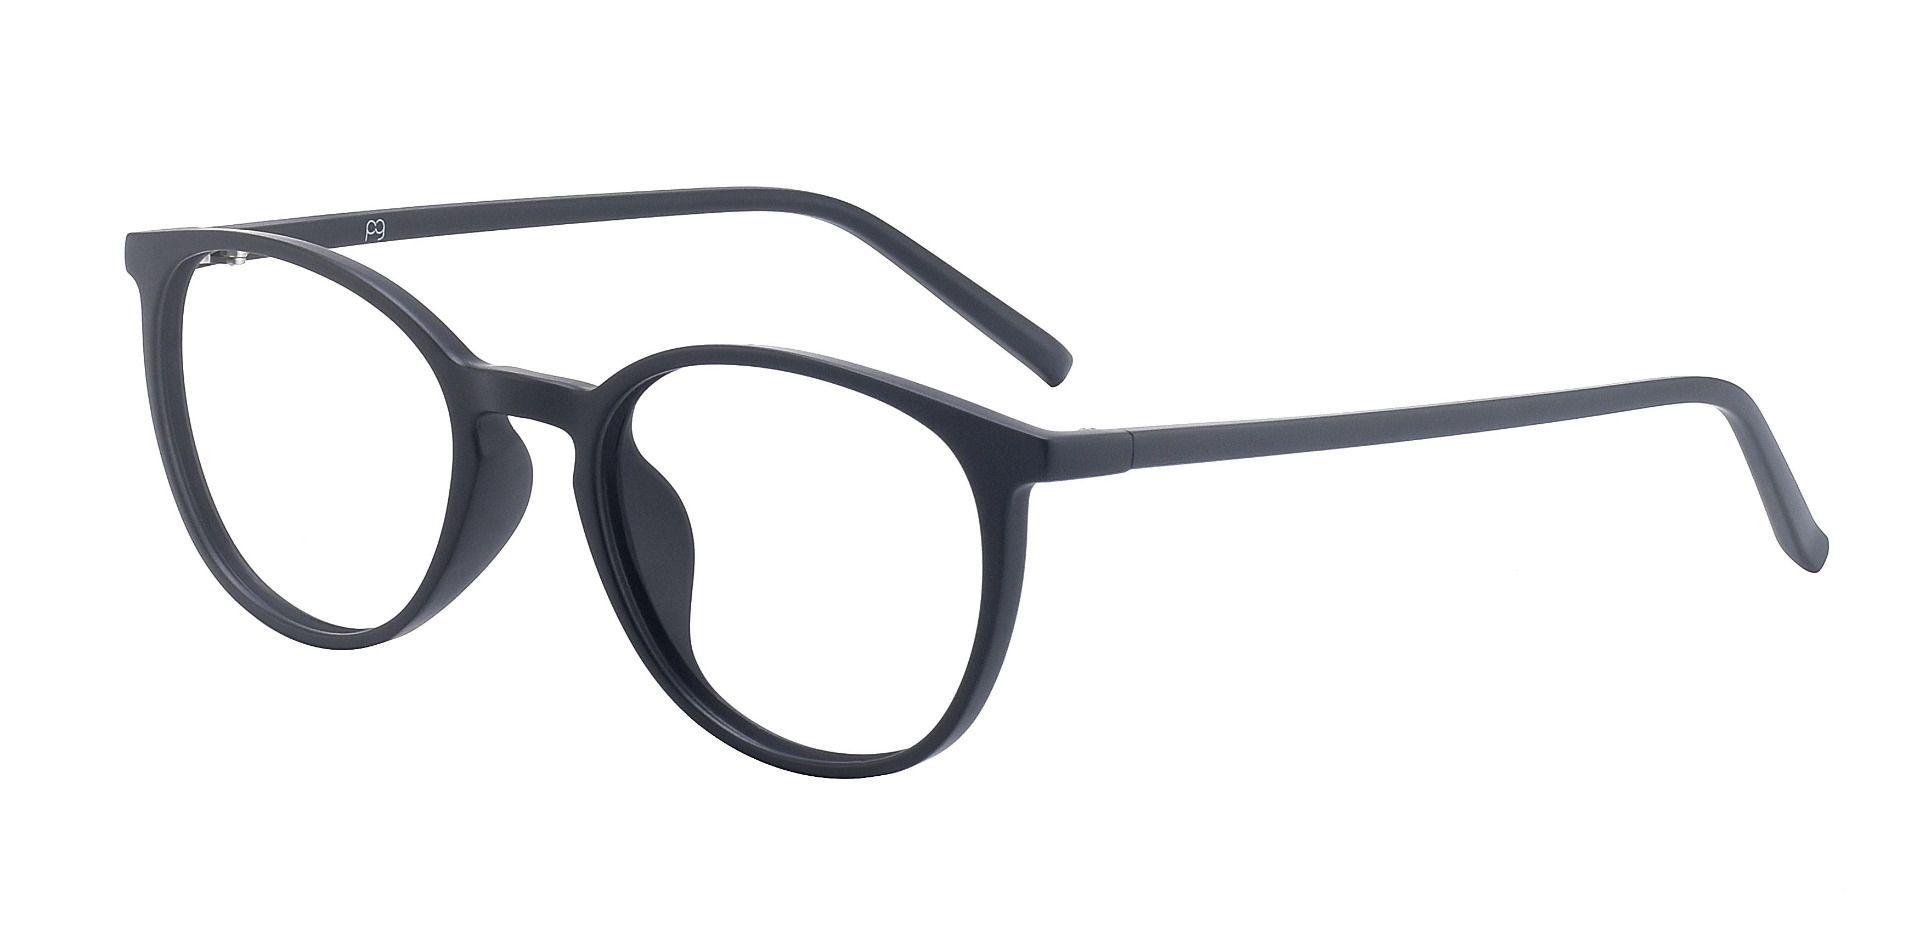 Cobia Oval Prescription Glasses - Black